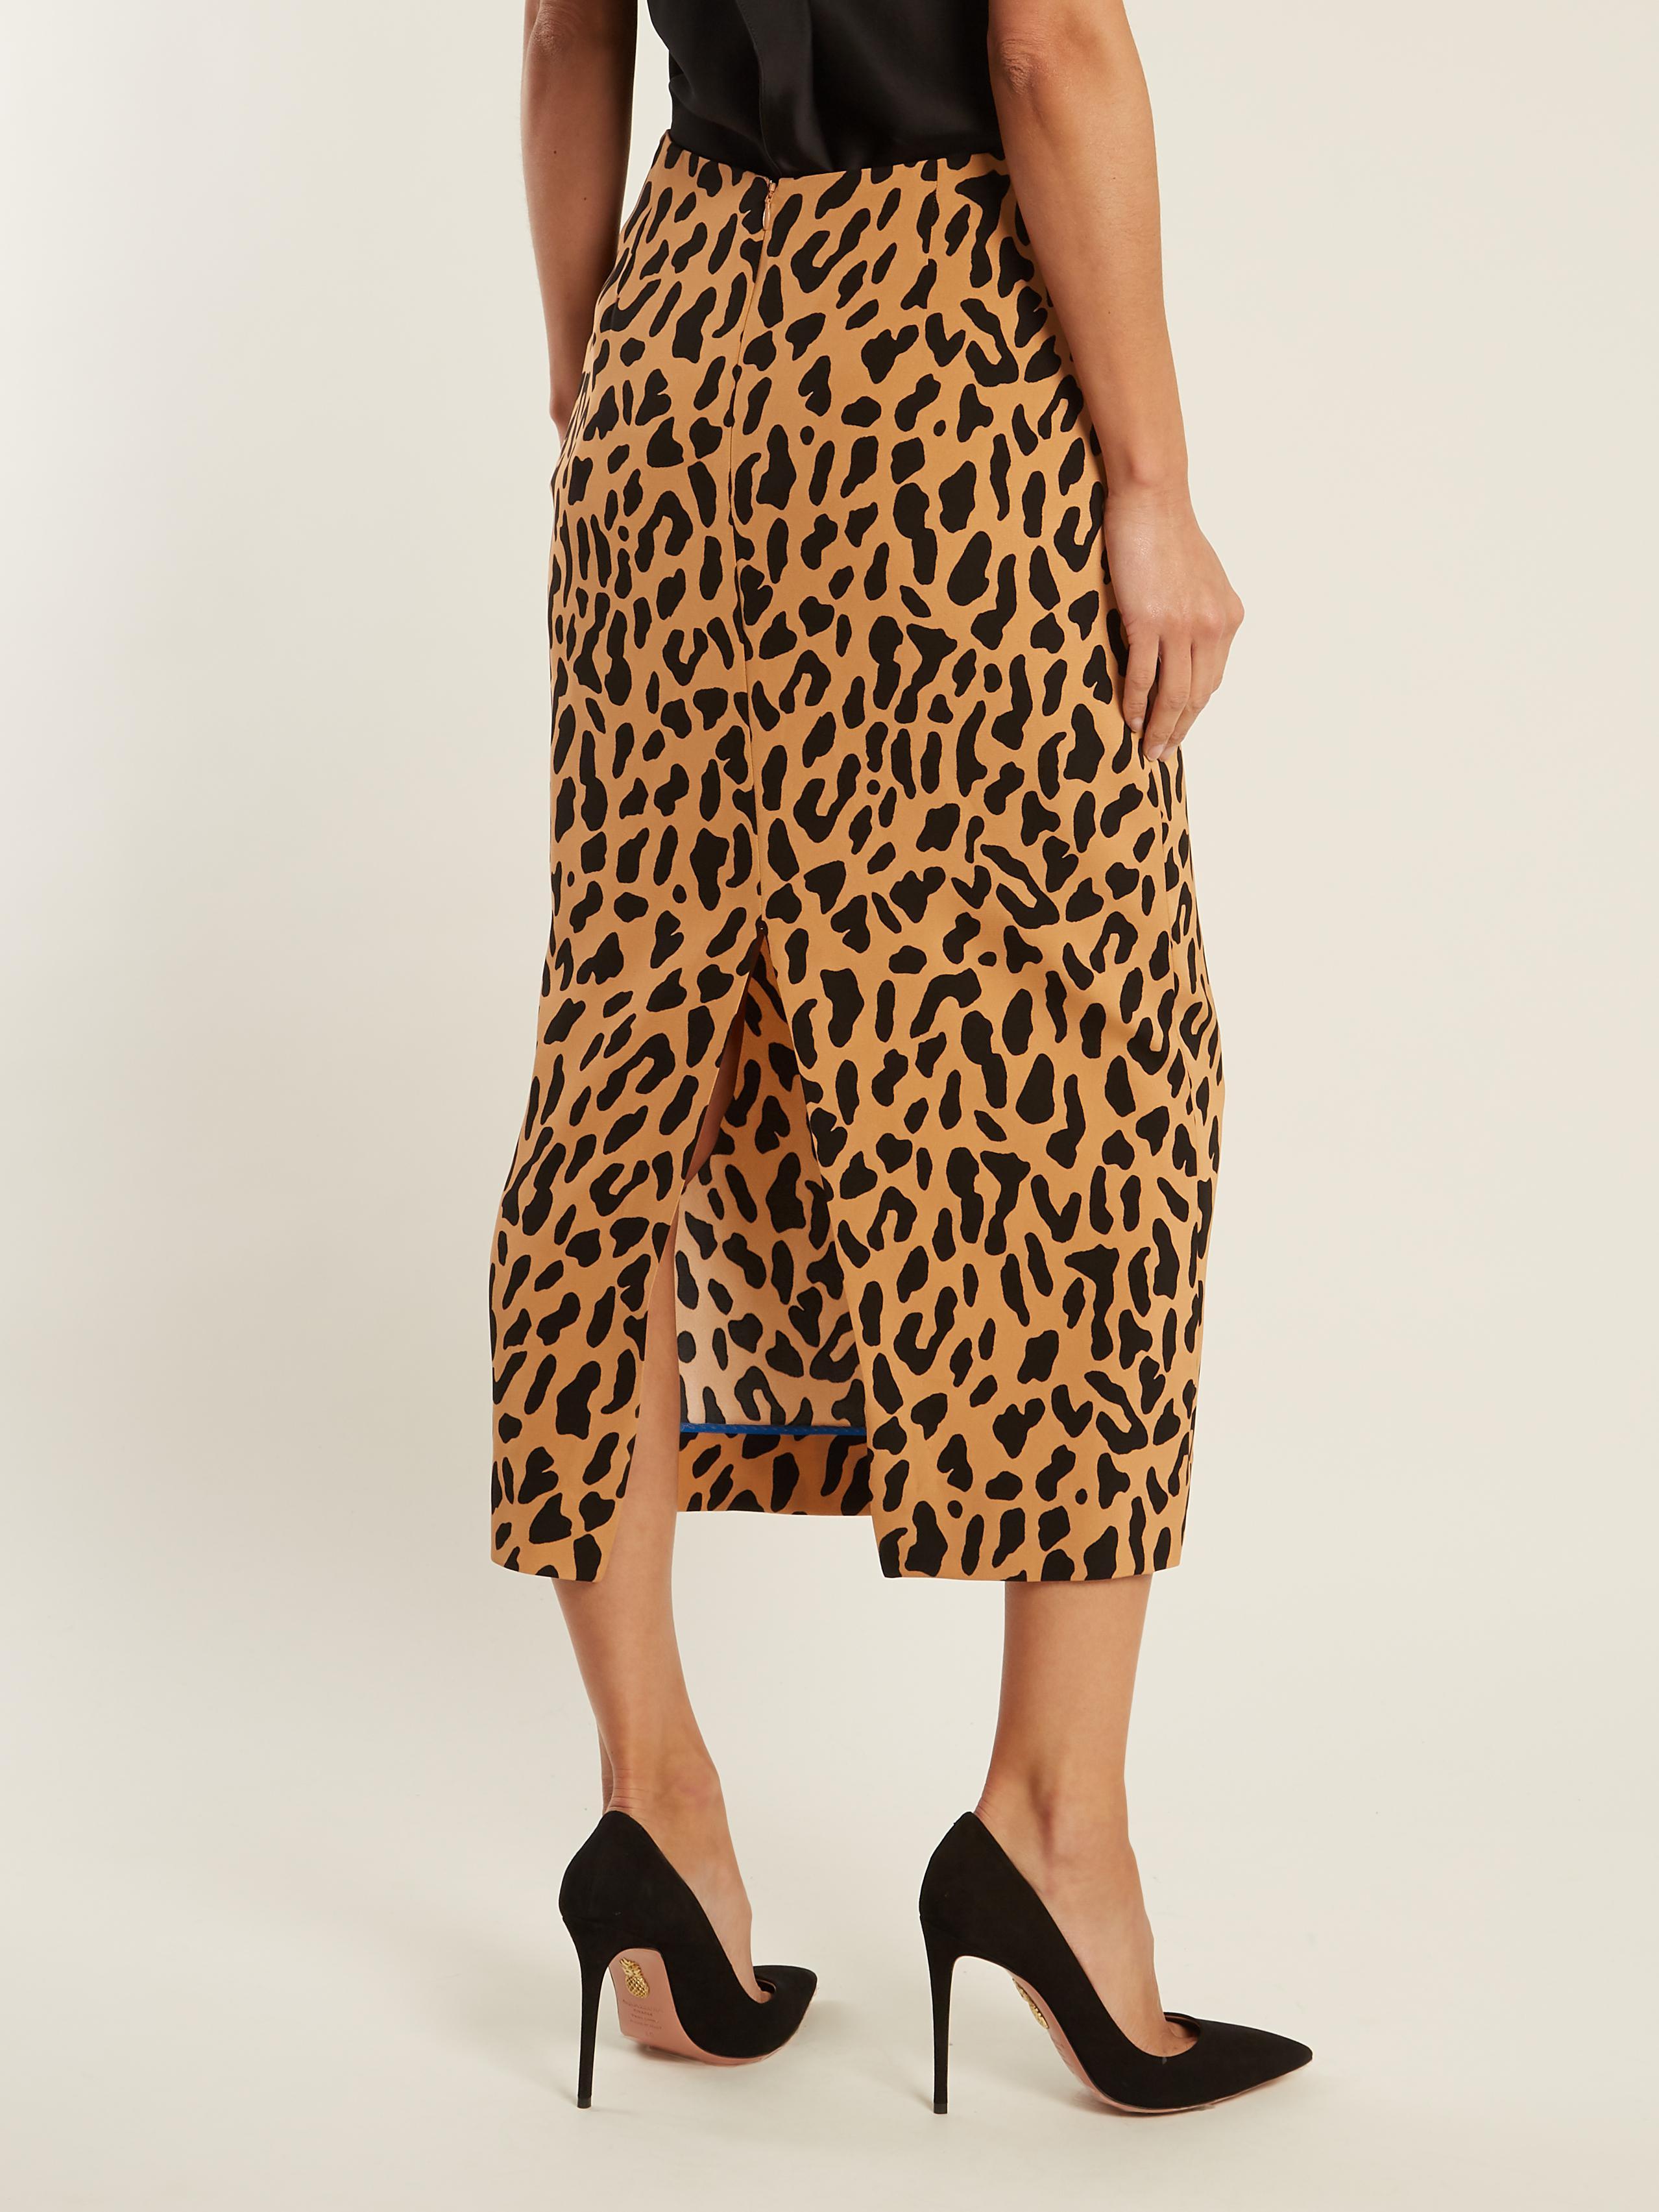 f60651372 Diane von Furstenberg Leopard-print Stretch-cady Pencil Skirt - Lyst